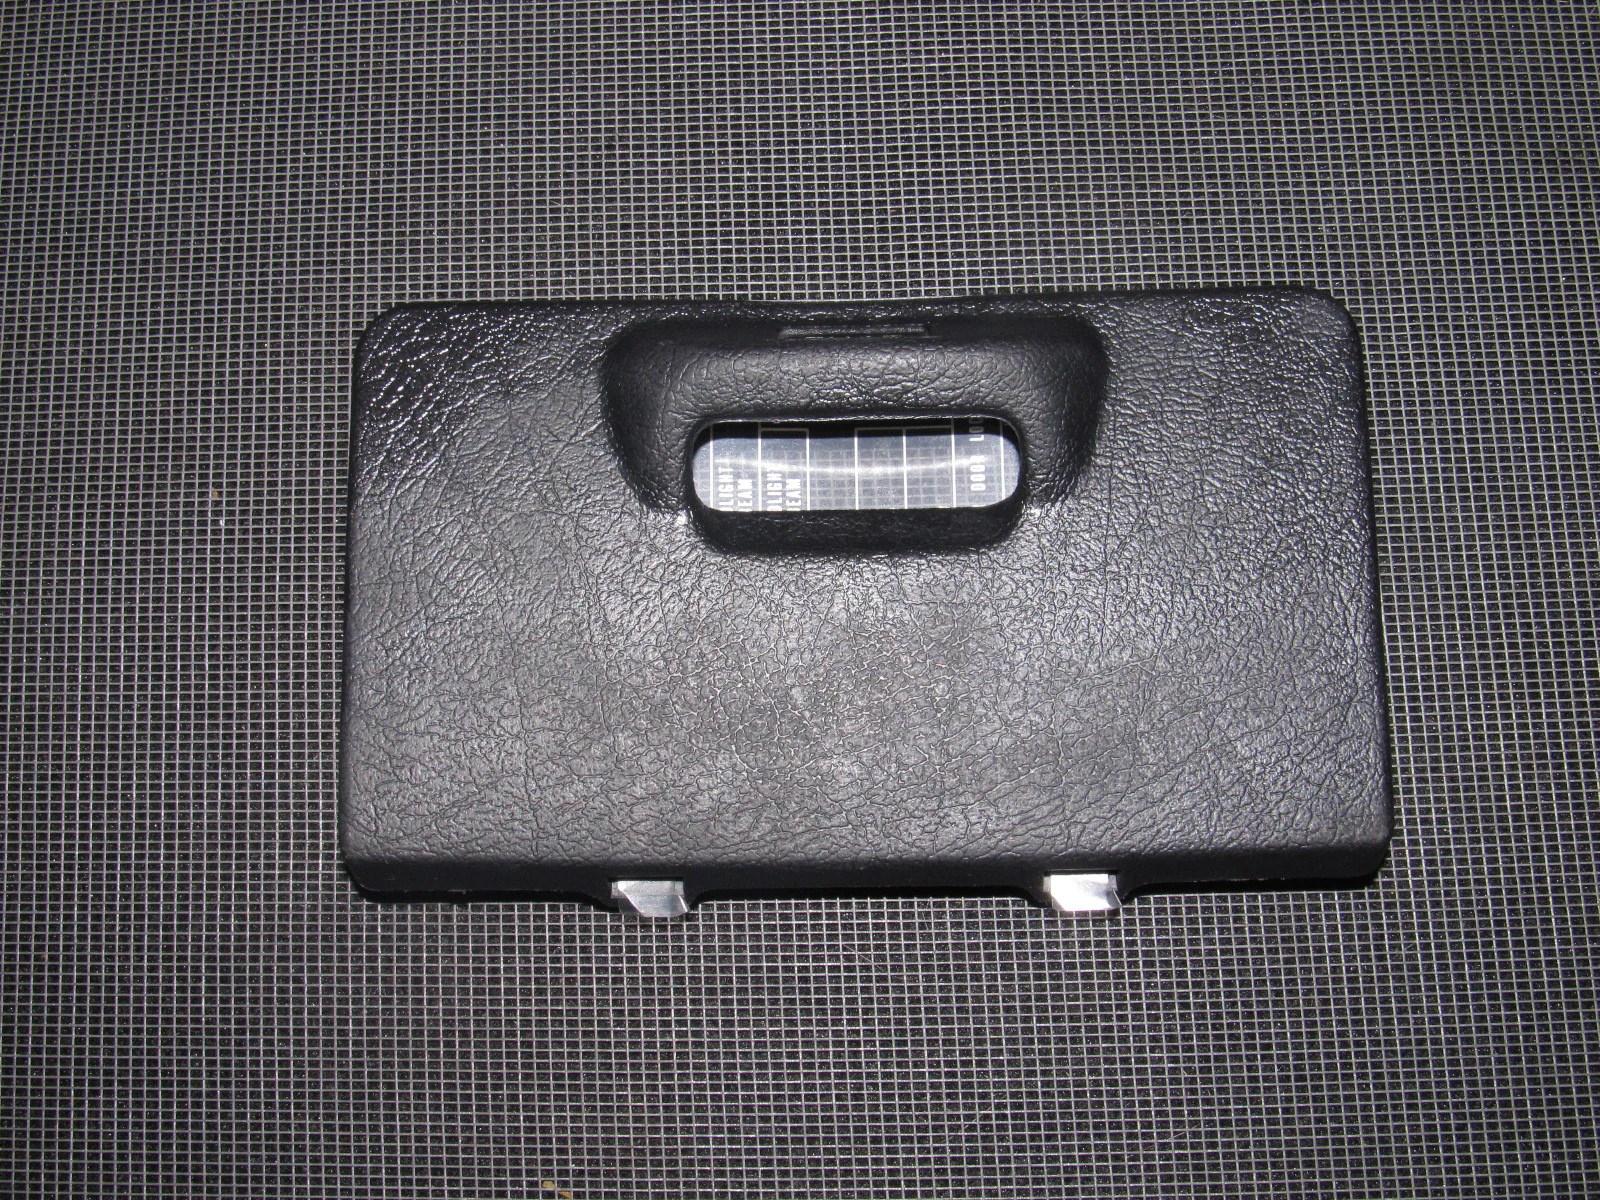 honda del sol oem interior fuse box cover product image  [ 1600 x 1200 Pixel ]